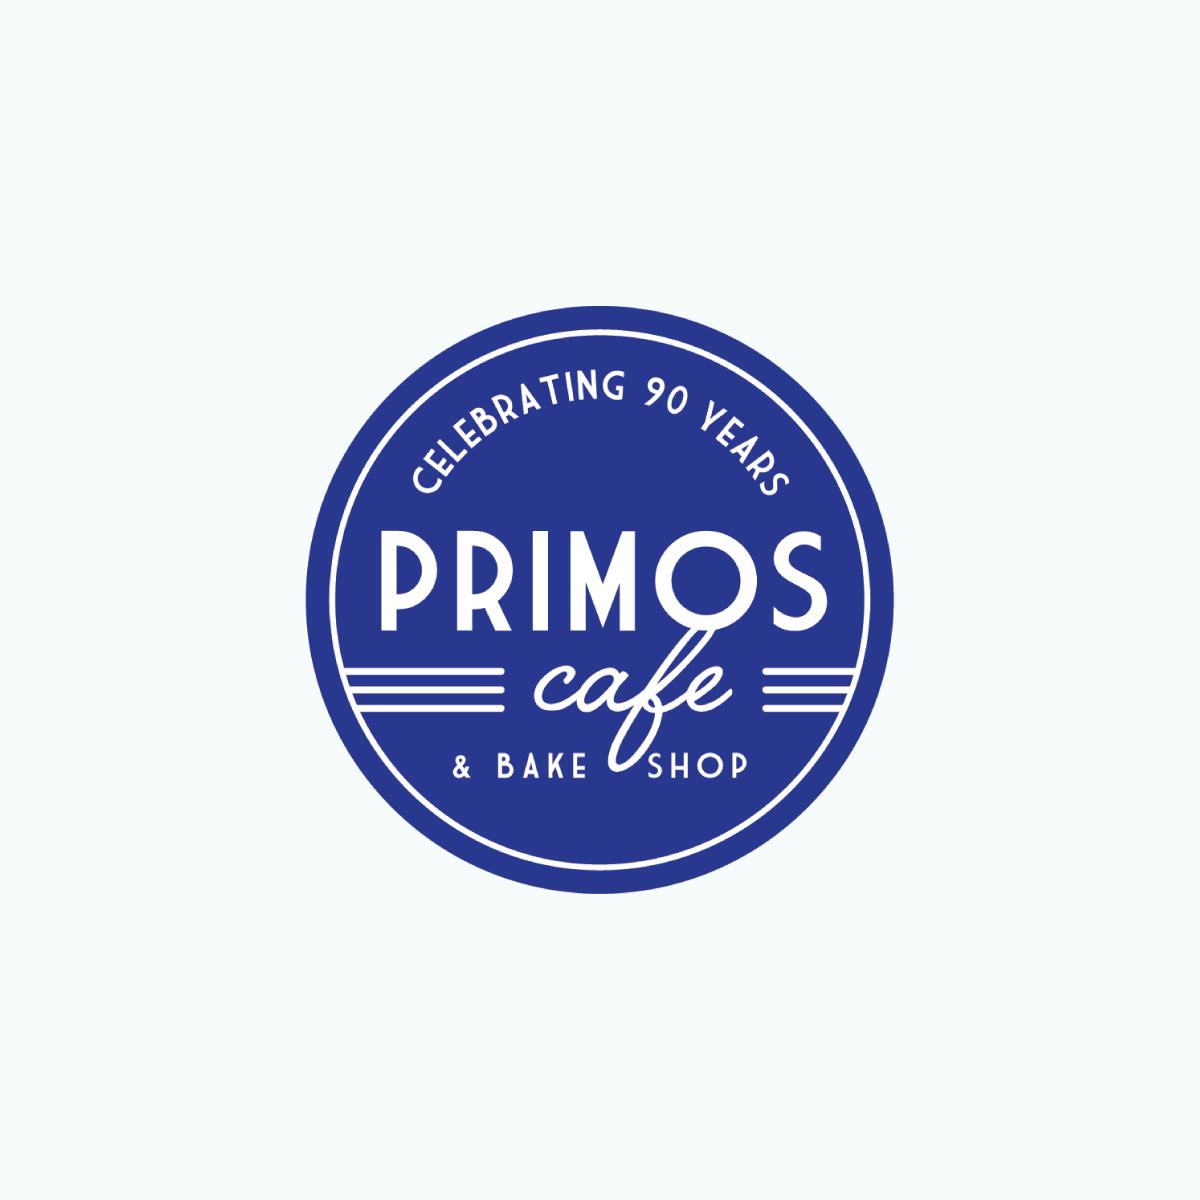 Primos-90th-150dpi_web.jpg